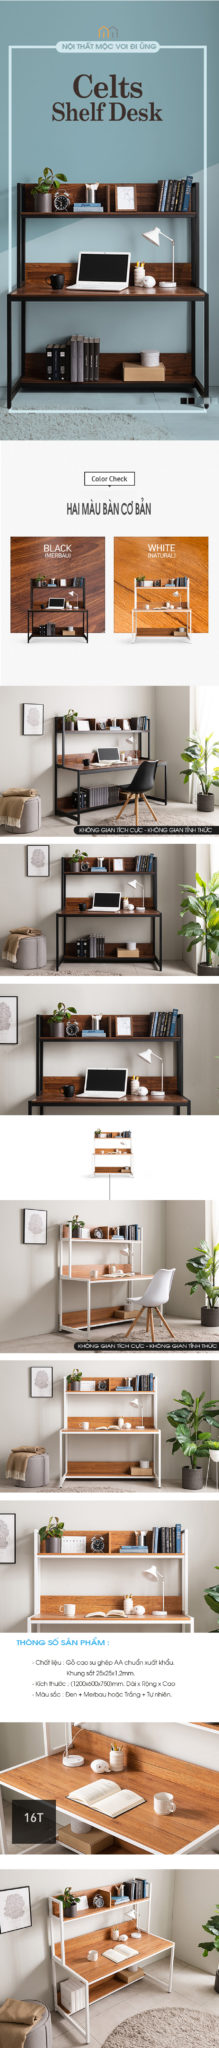 Bàn làm việc liền kệ, nội thất không thể thiếu ở văn phòng.